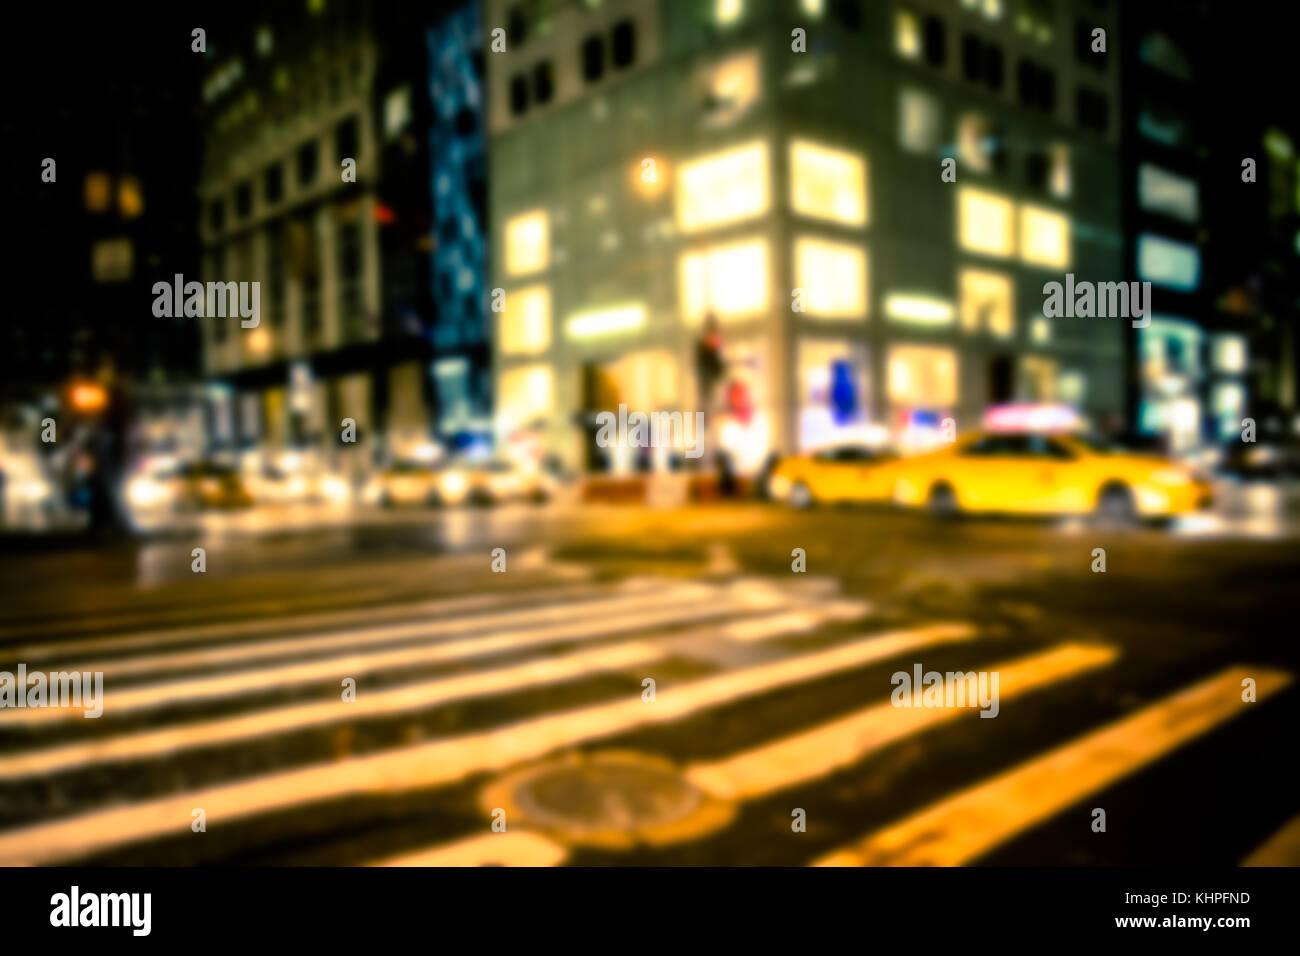 New York City street nuit flou artistique flou avec taxi et bâtiments Photo Stock